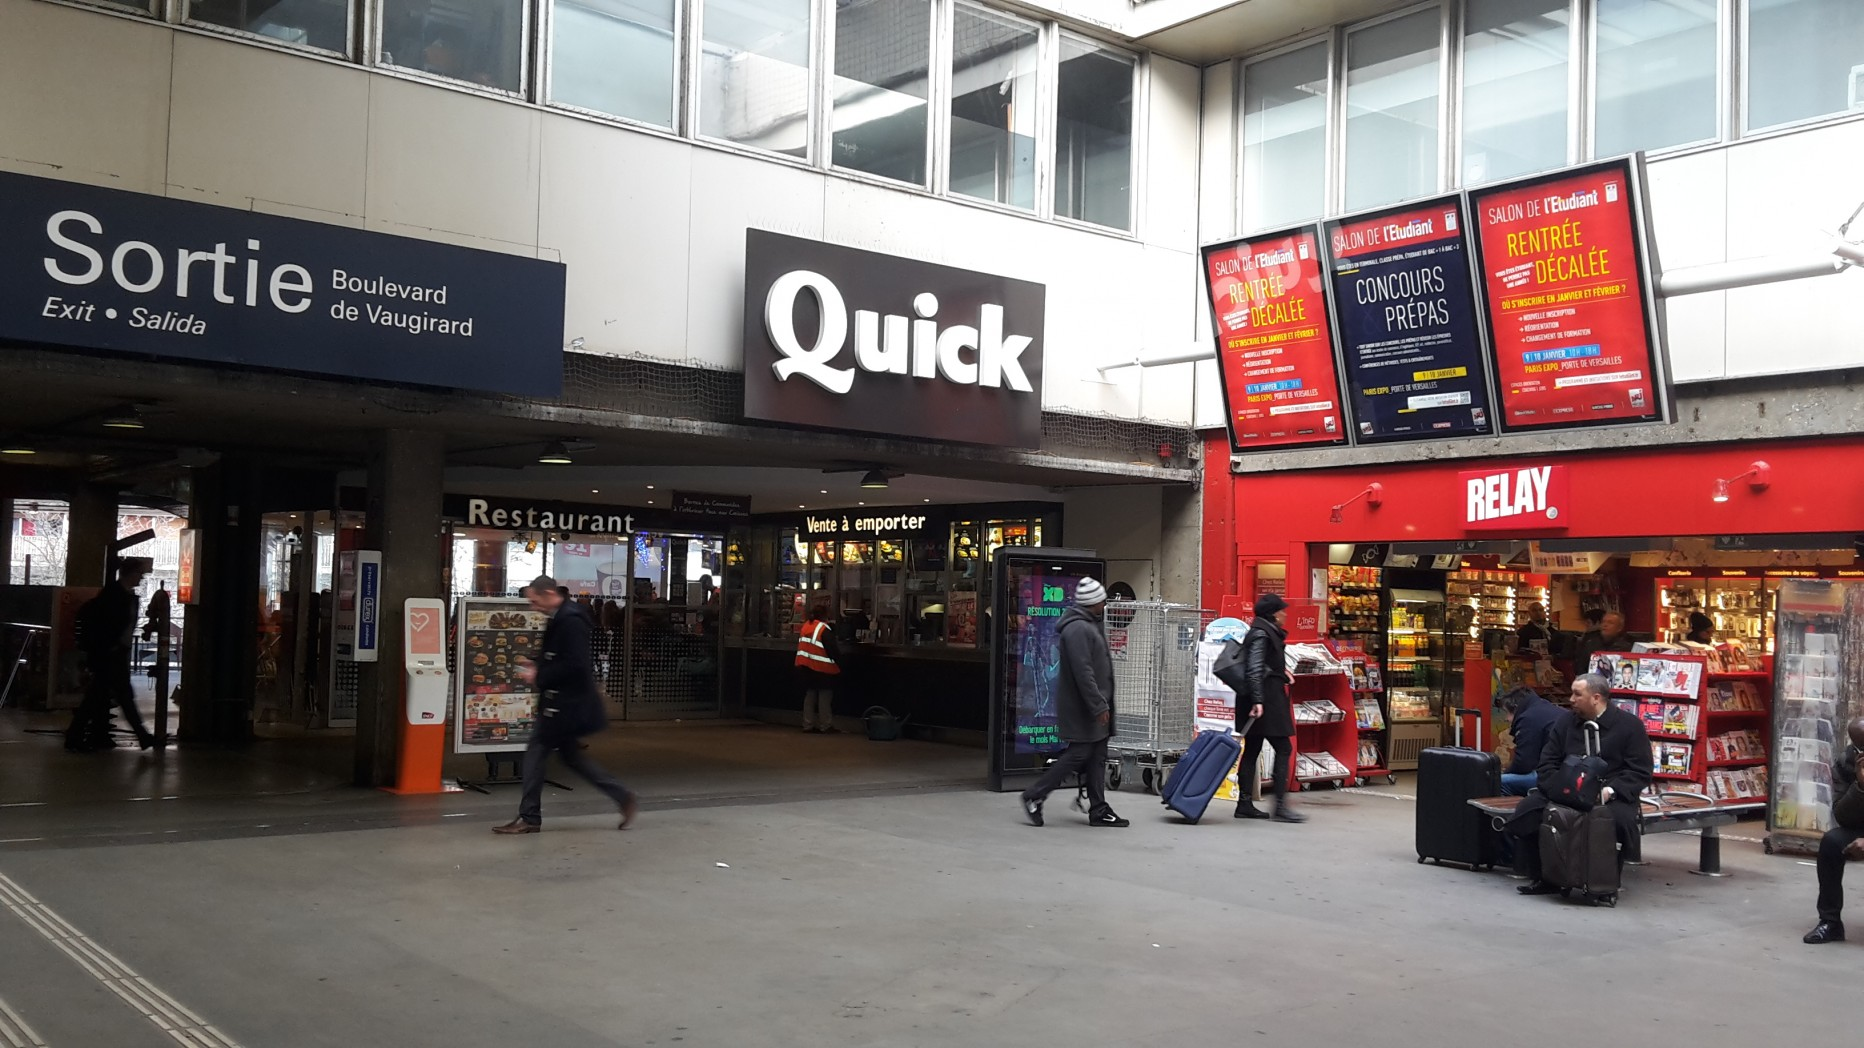 Quick Gare Montparnasse